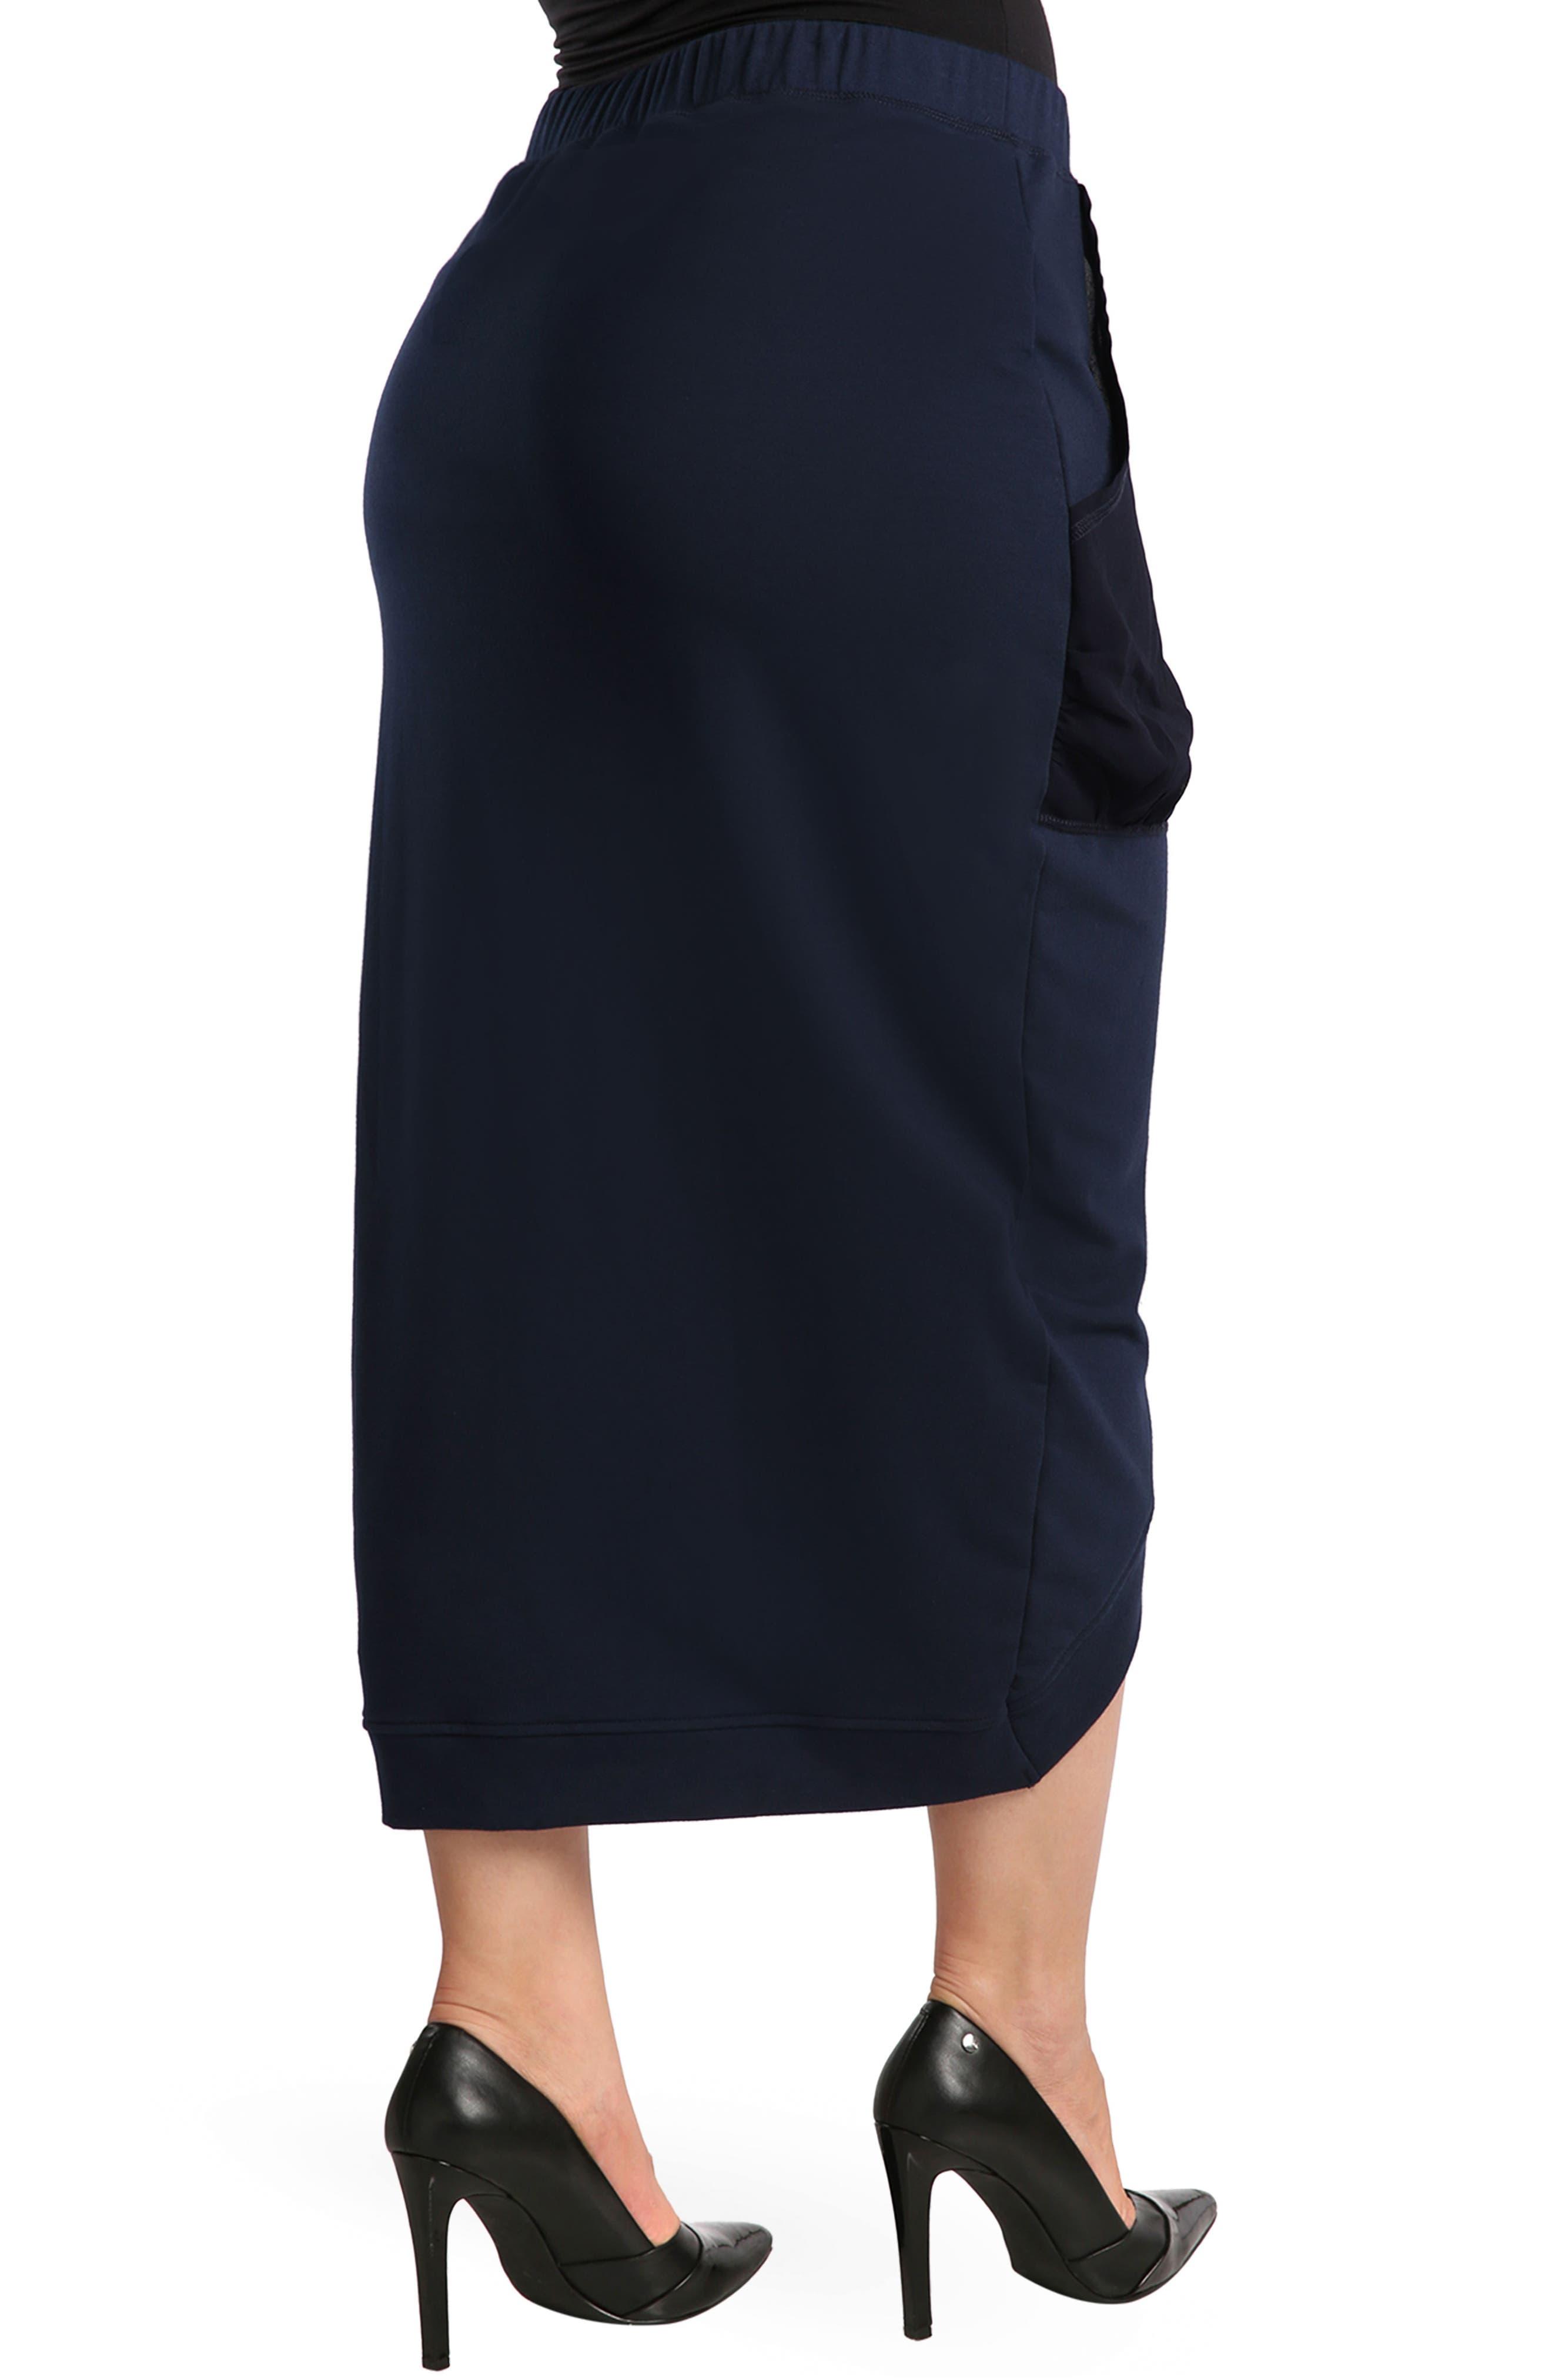 Phoebe Skirt,                             Alternate thumbnail 3, color,                             Midnight Blue